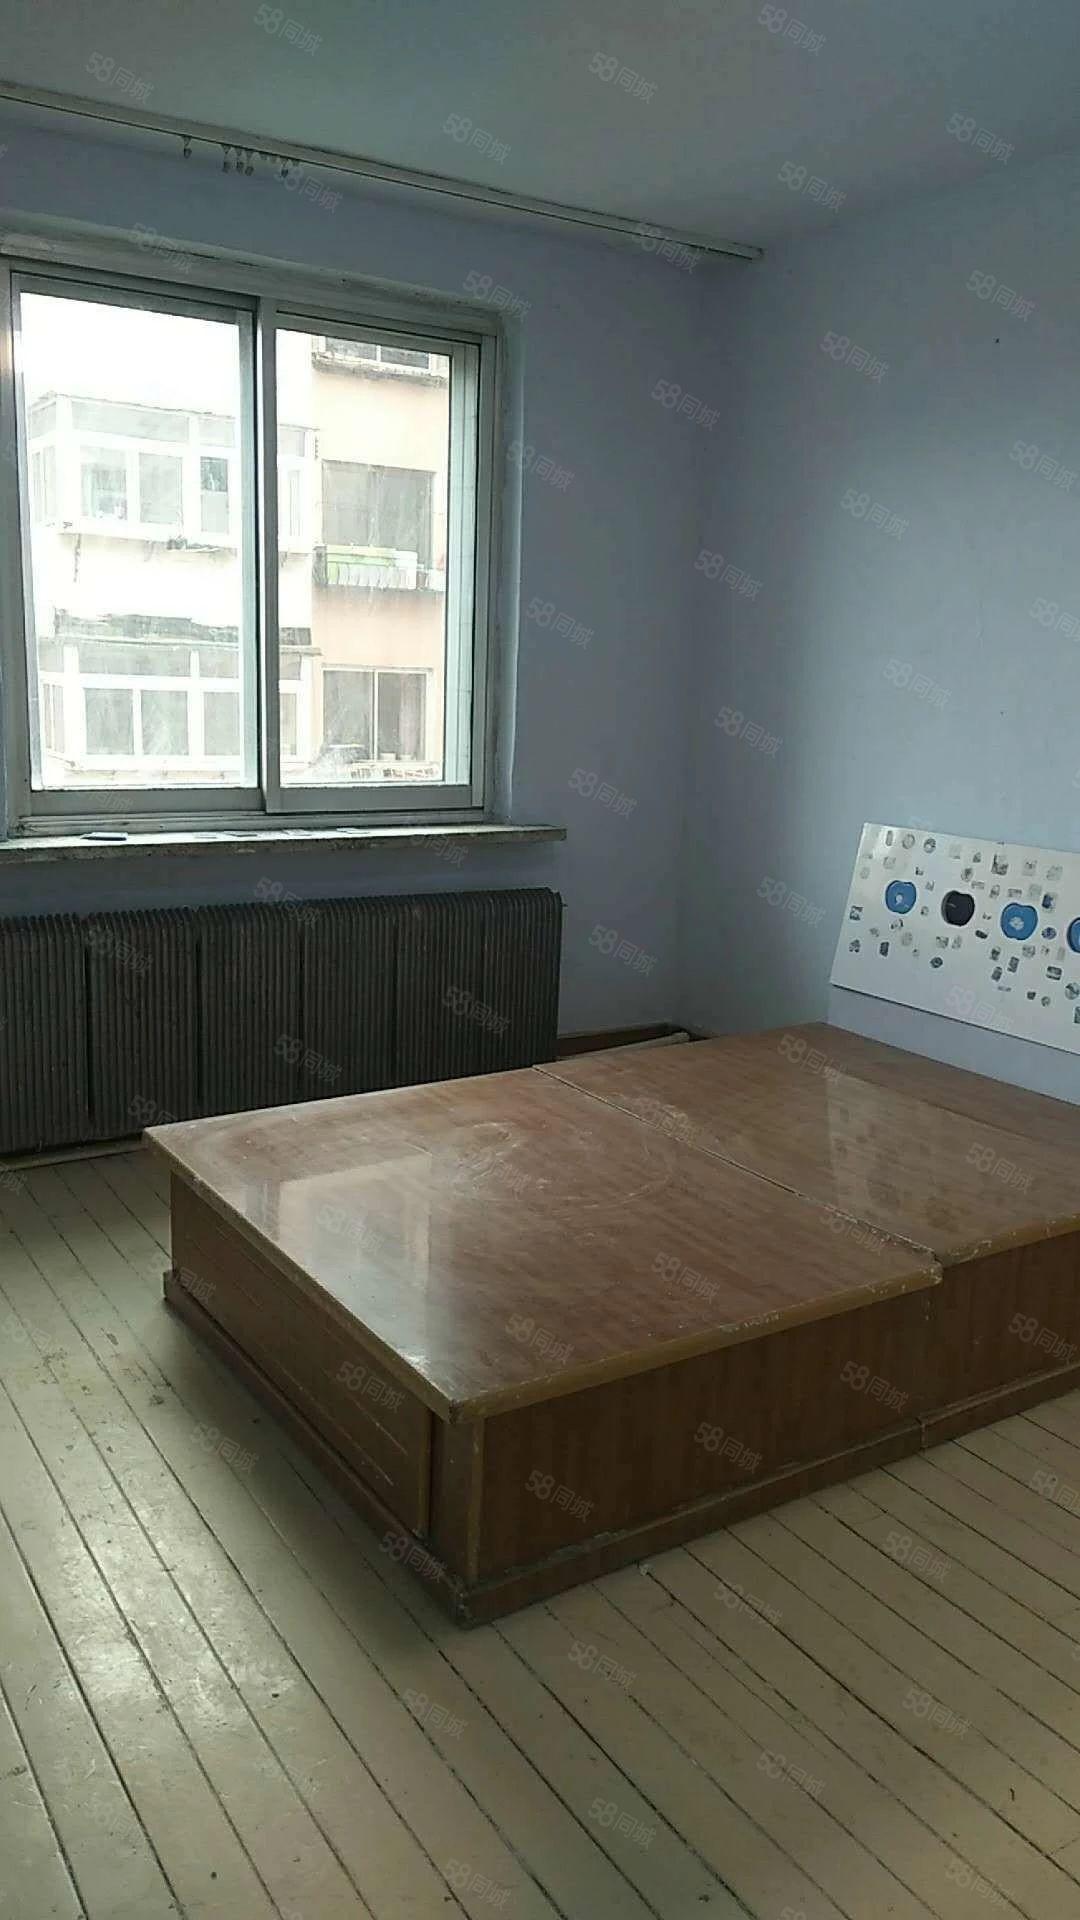 消防武山小区3楼双室出租室内有床衣柜